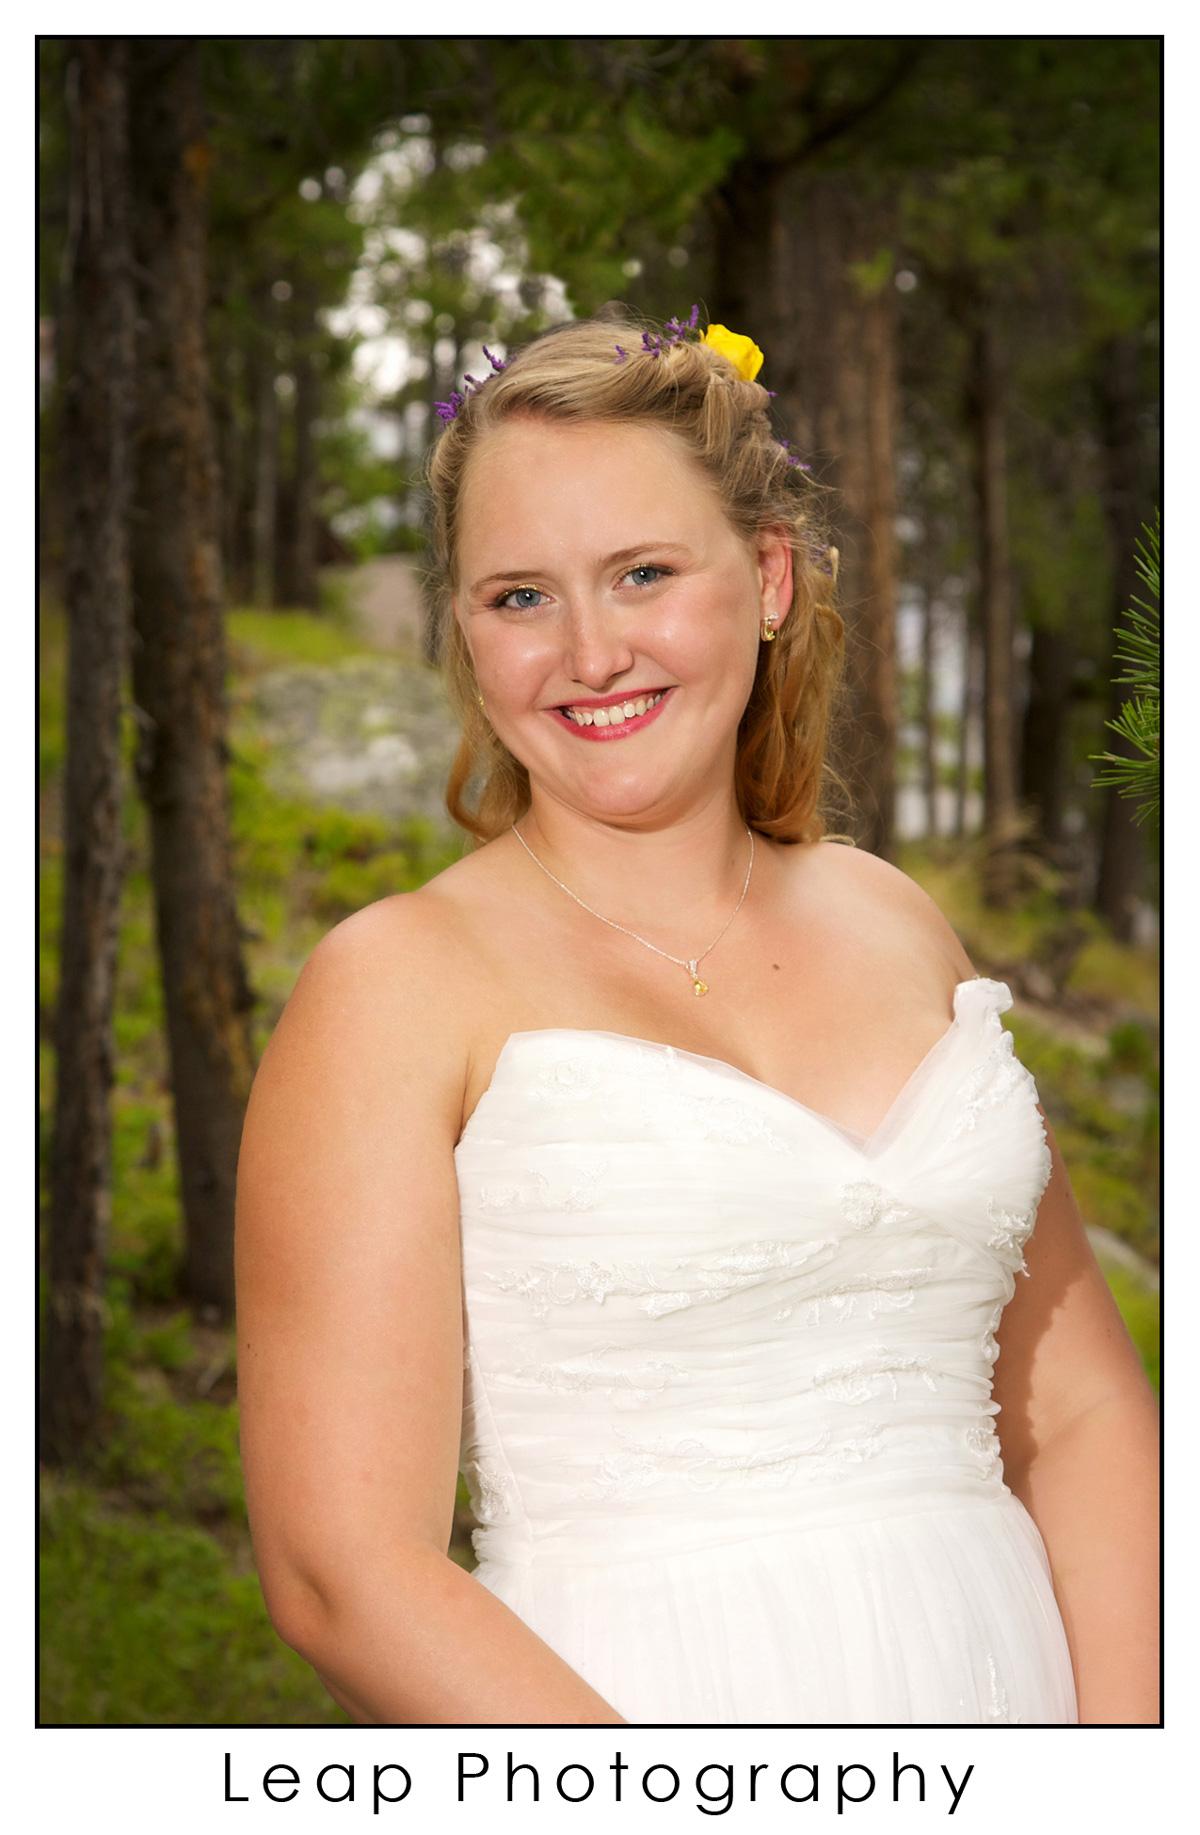 Boise_Idaho_Wedding-Photographers_Warm-Lake_004